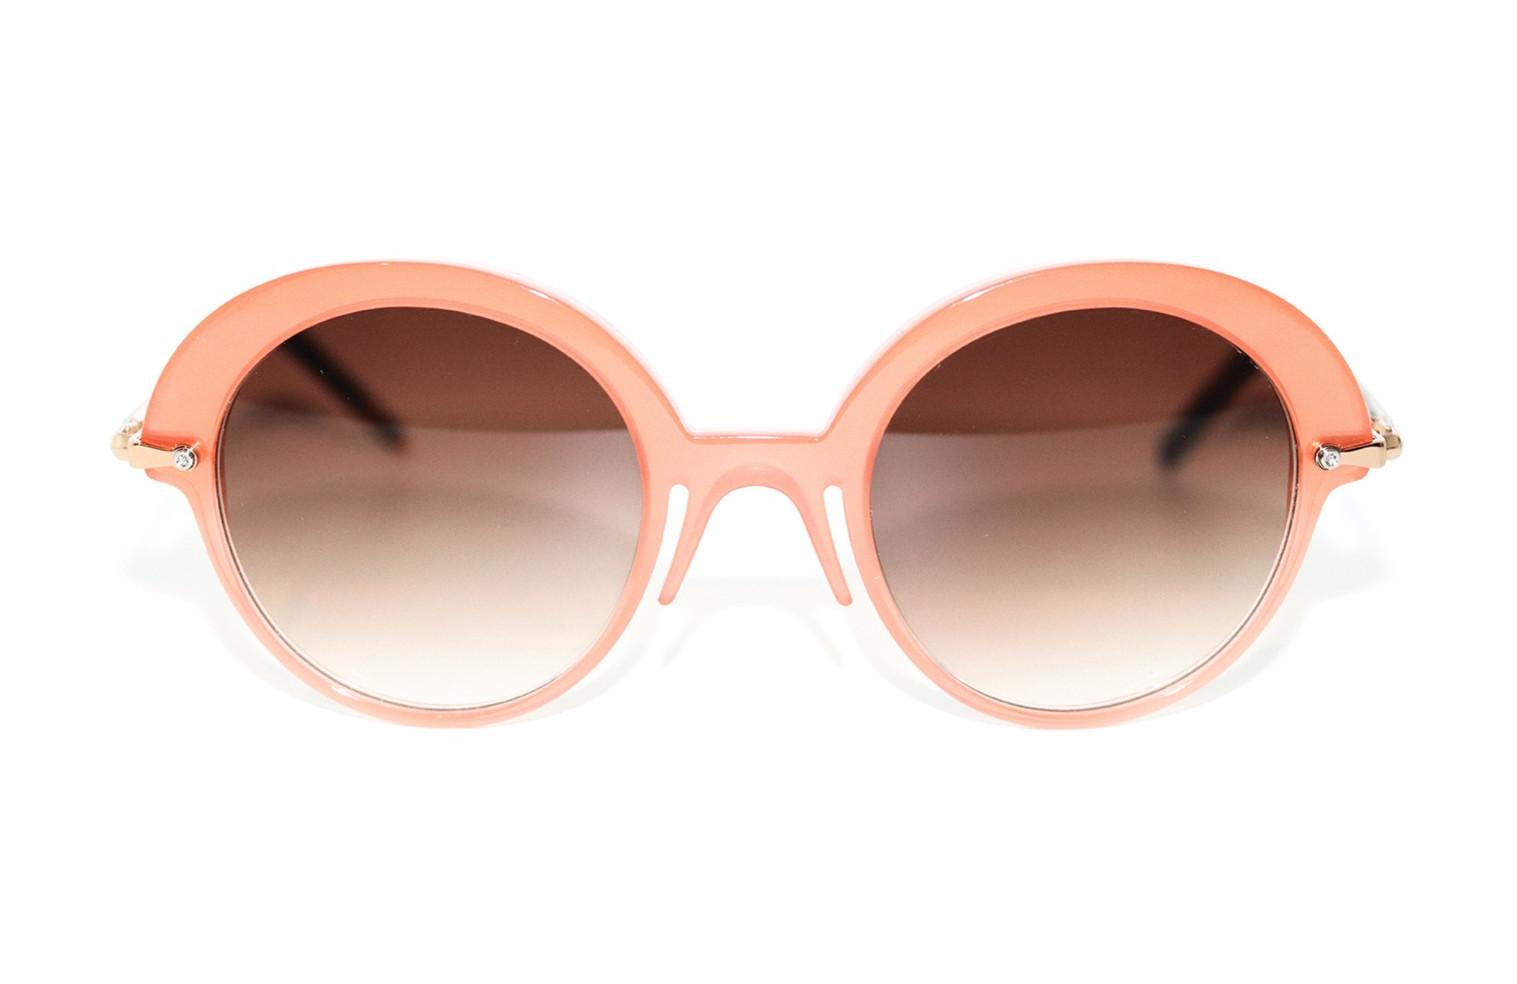 kleys-lunettes-francaises-PILAR-peche-fa